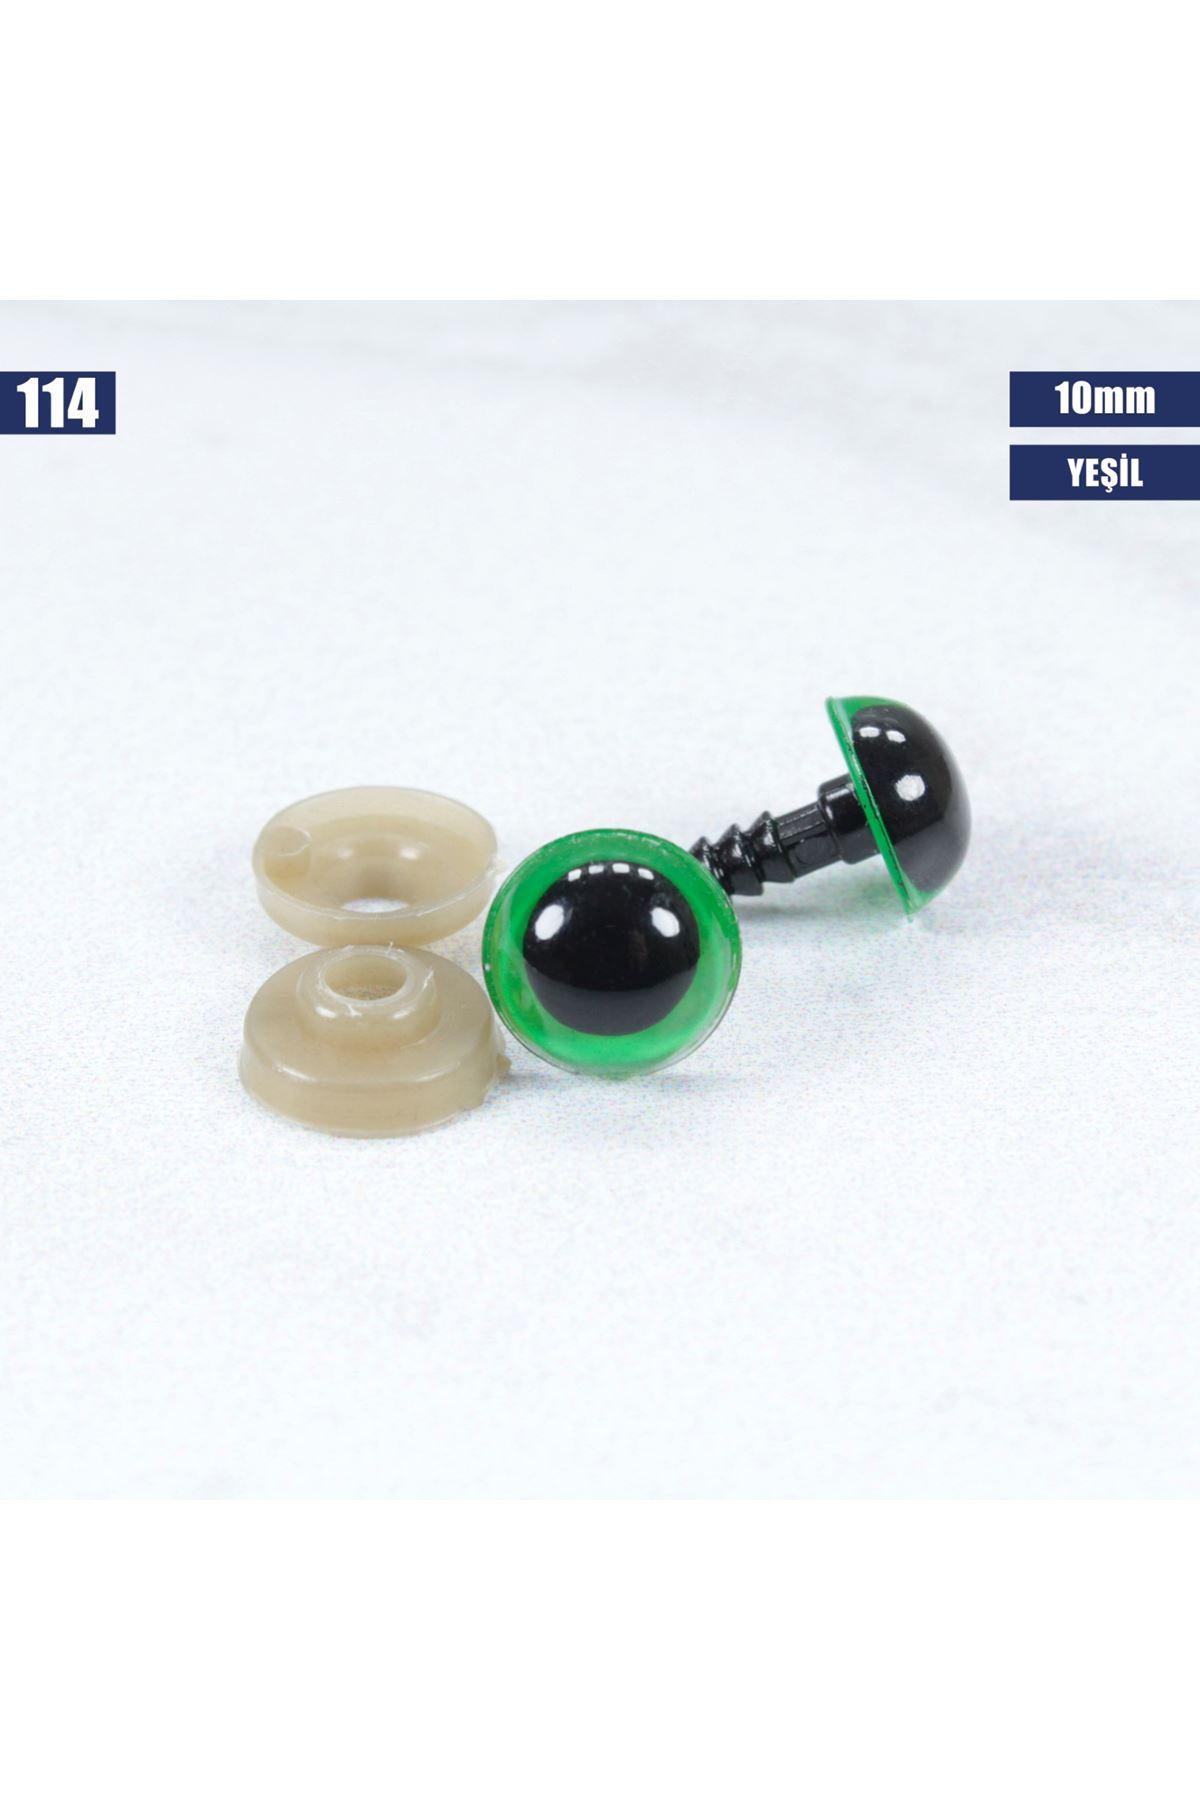 Yeşil Vidalı Göz 10 mm - 114